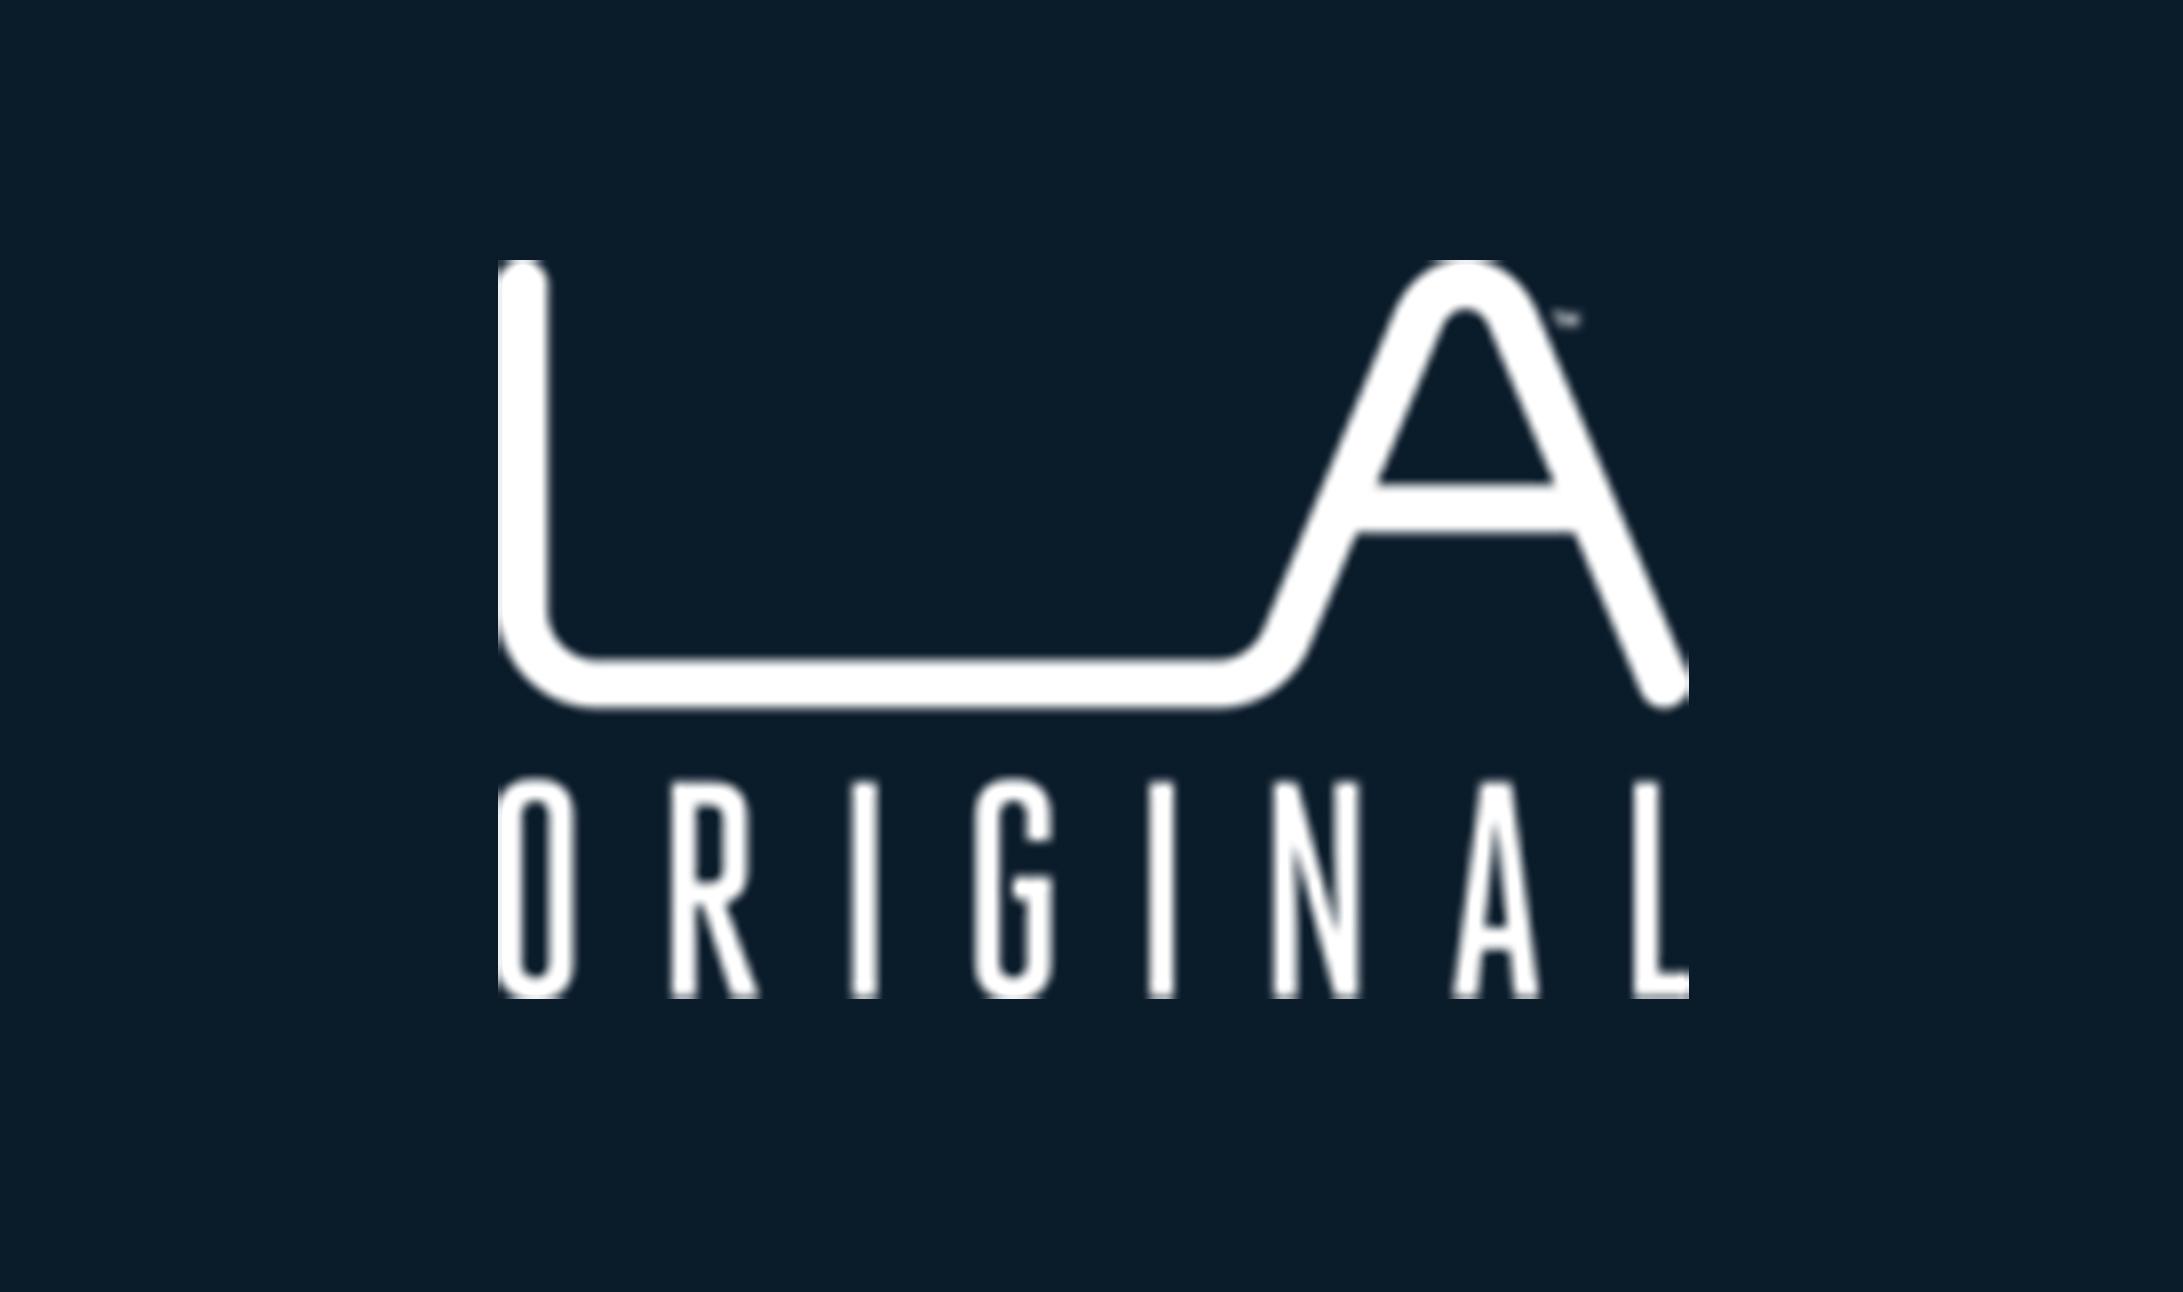 LA Original.jpg